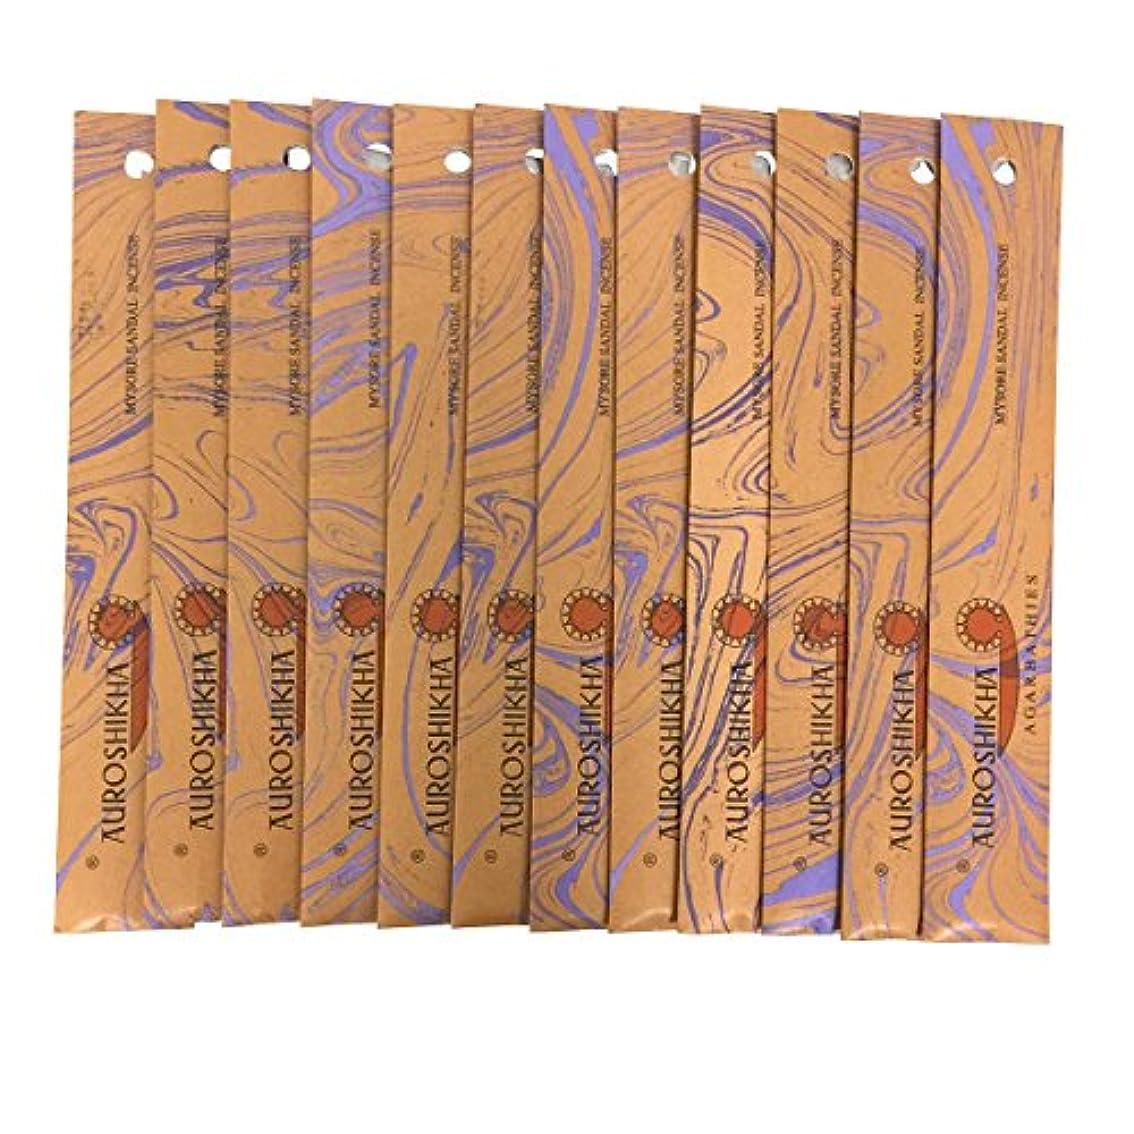 セットアップ専制ペルソナAUROSHIKHA オウロシカ(MYSORESANDALマイソールサンダル12個セット) マーブルパッケージスティック 送料無料